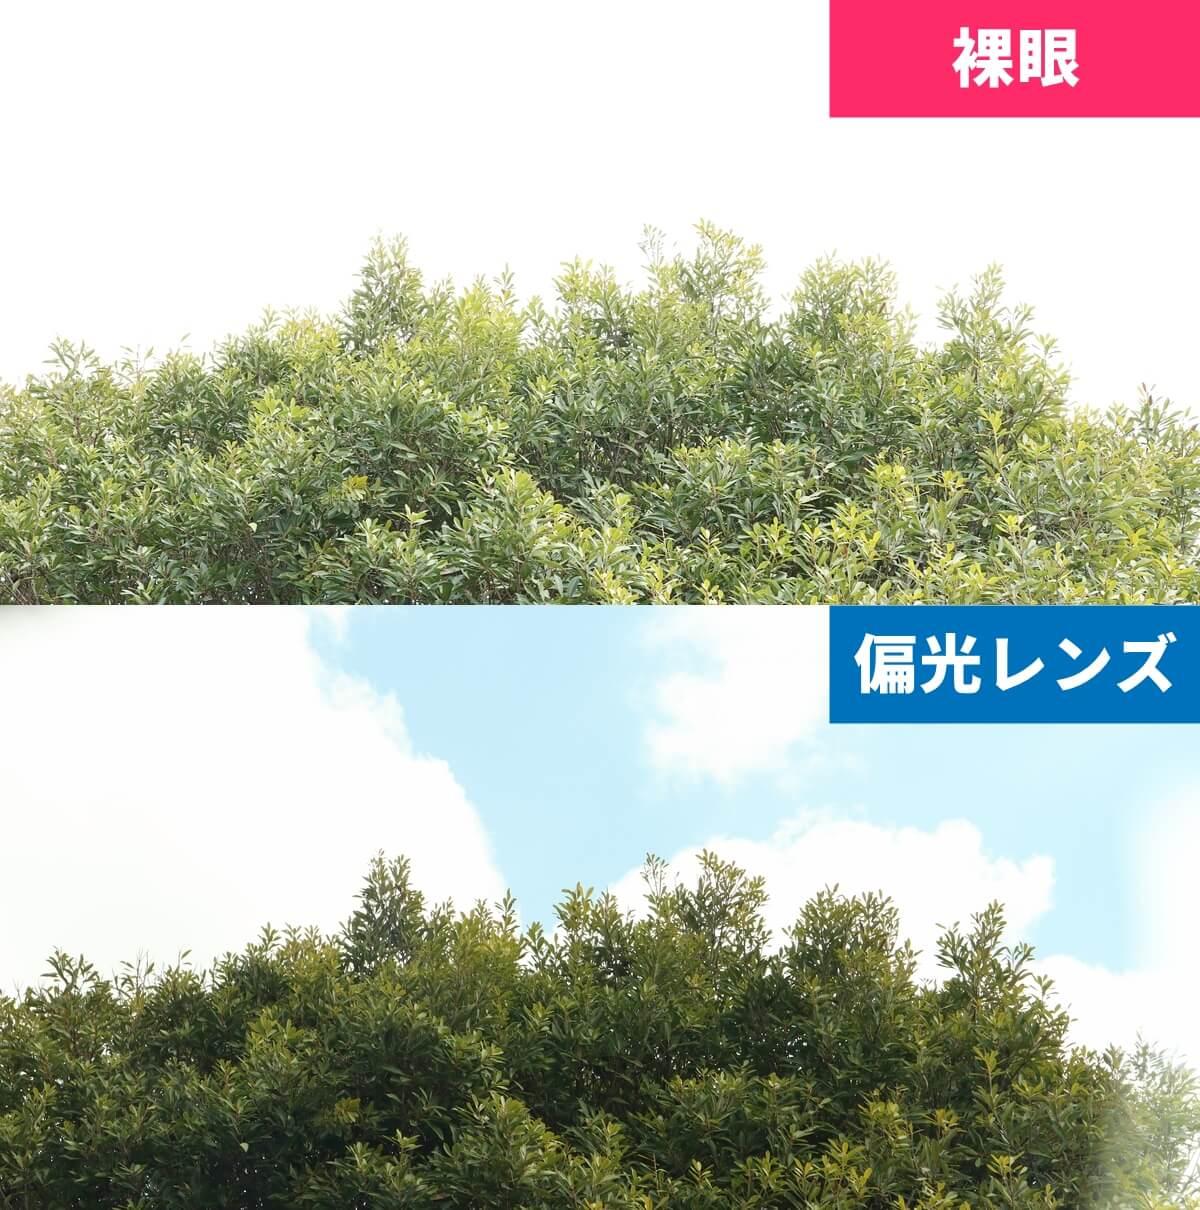 偏光レンズで見える風景、ありなし比較